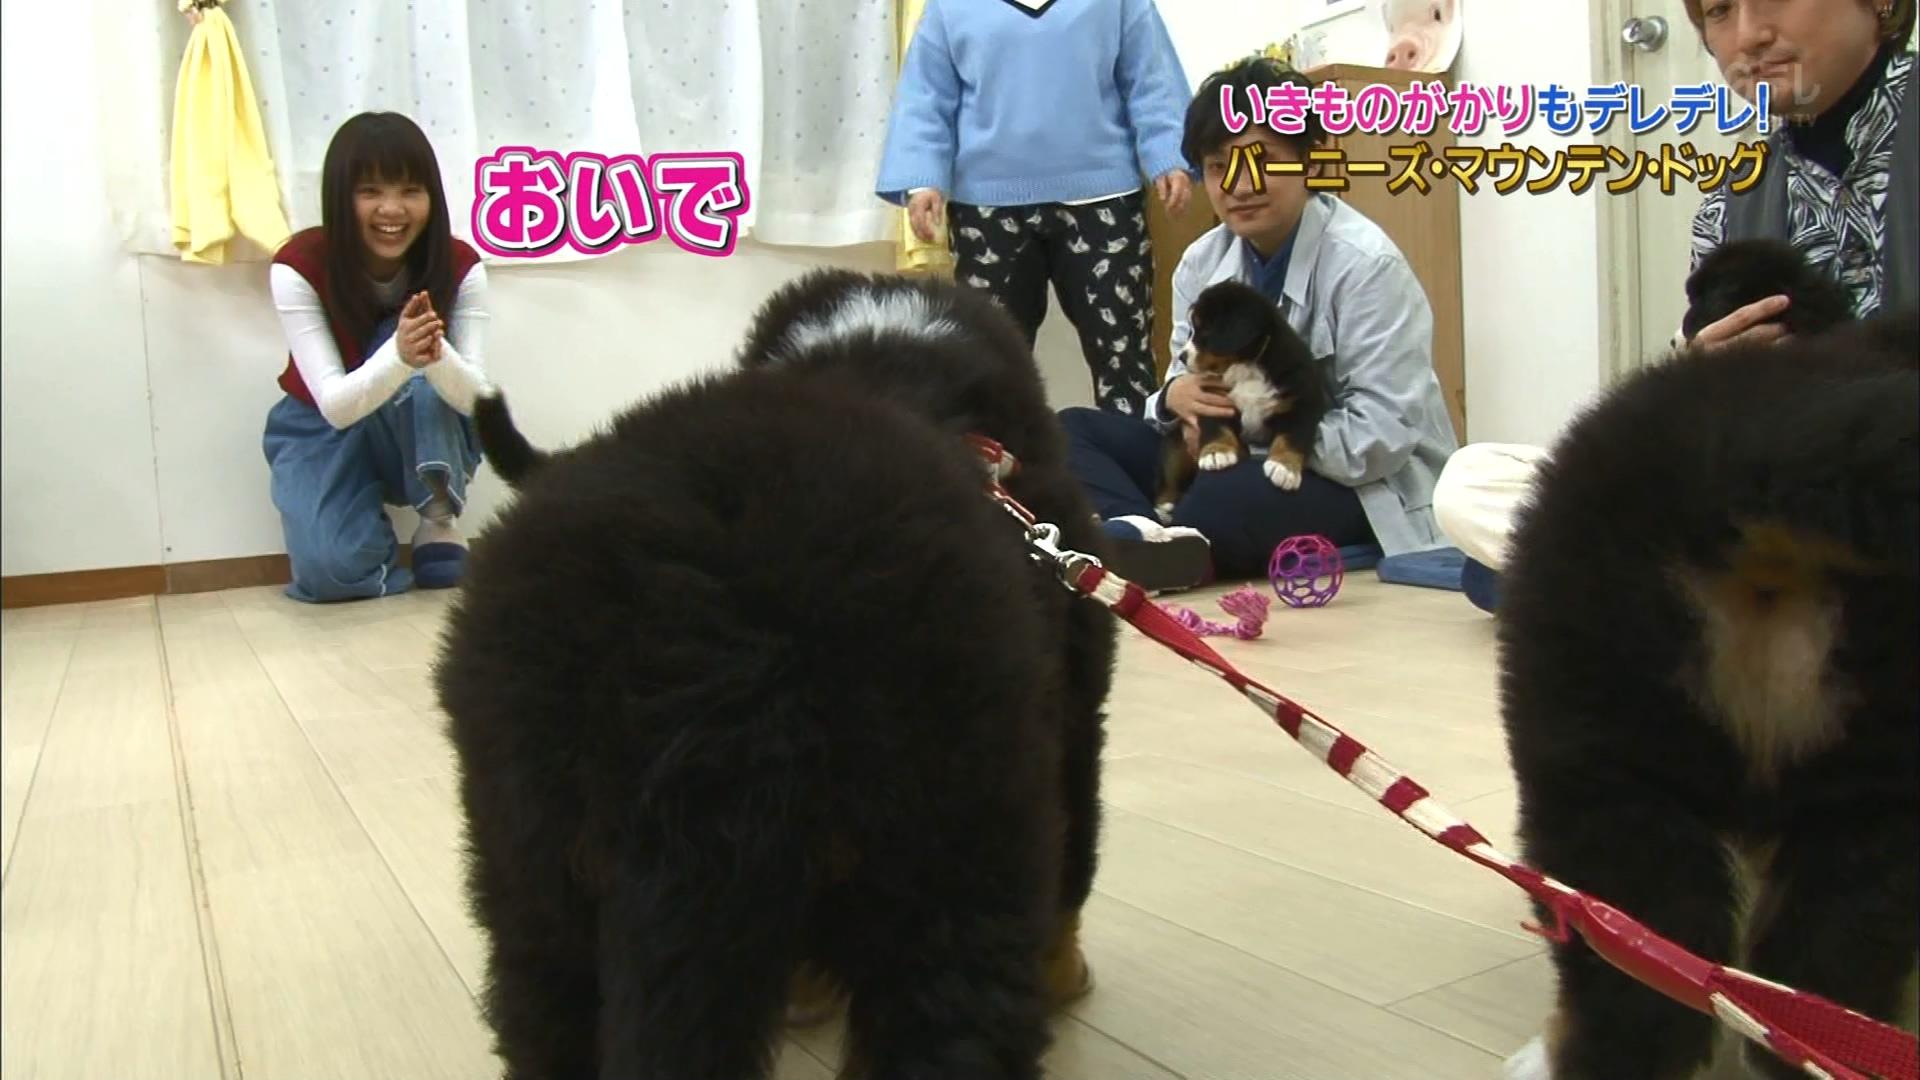 2016.02.27 全場(天才!志村どうぶつ園).ts_20160227_204938.873